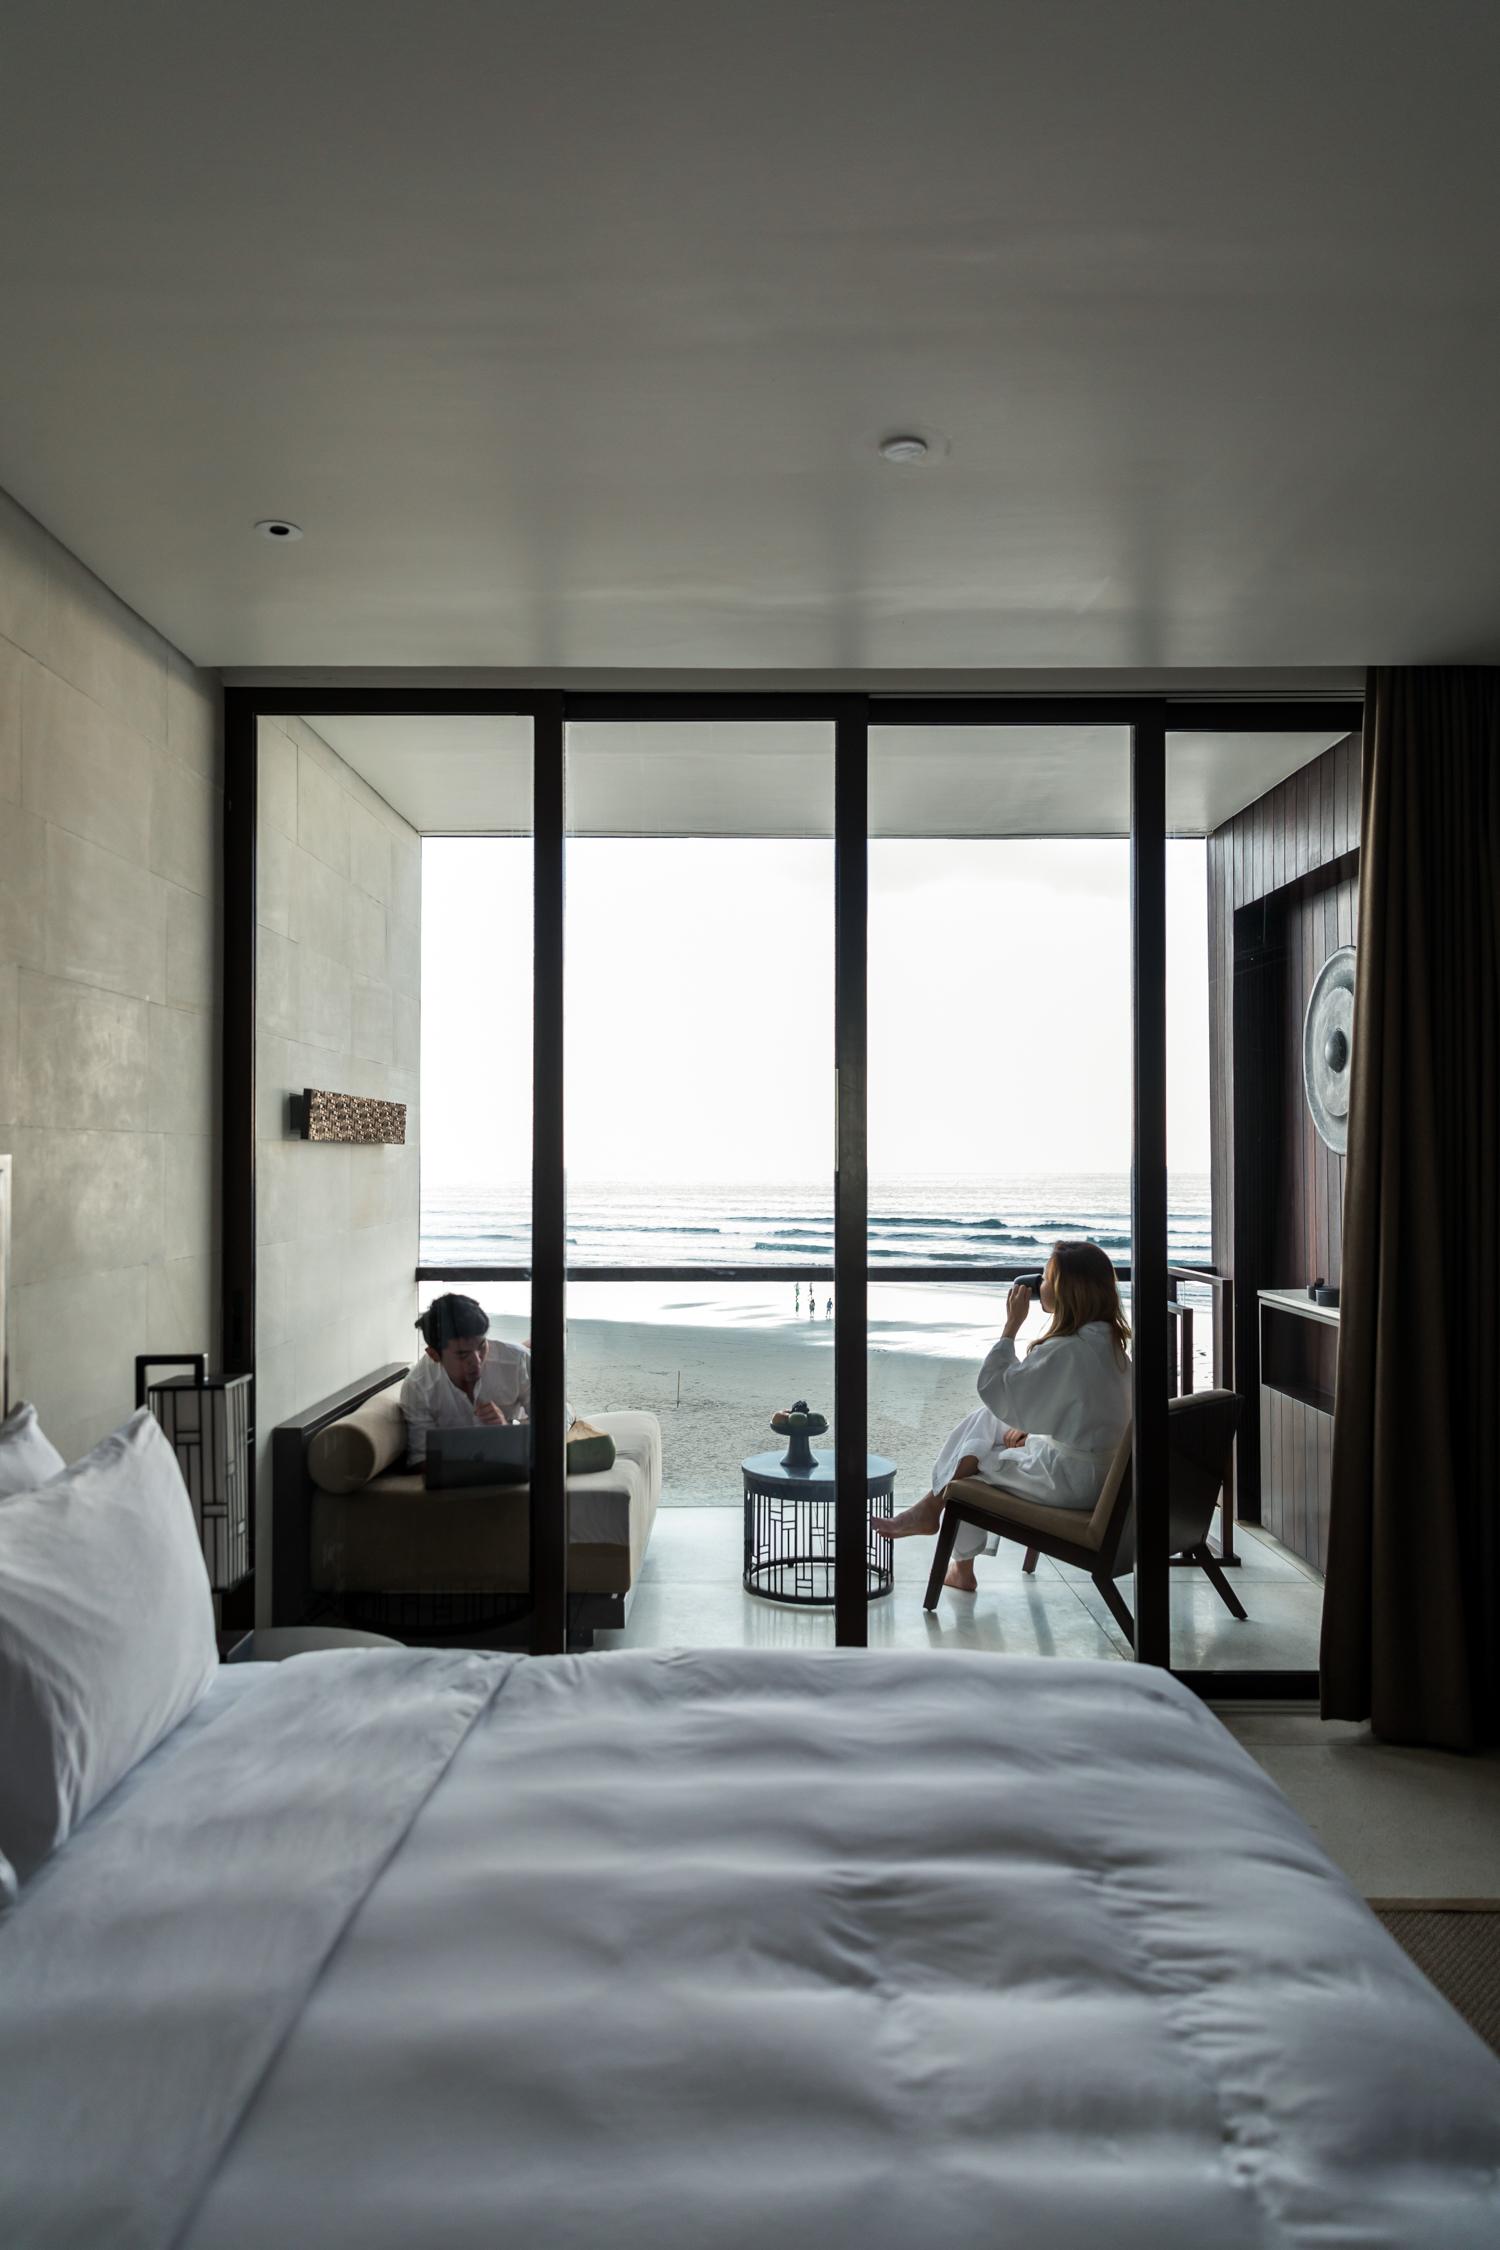 Bali: Alila Seminyak